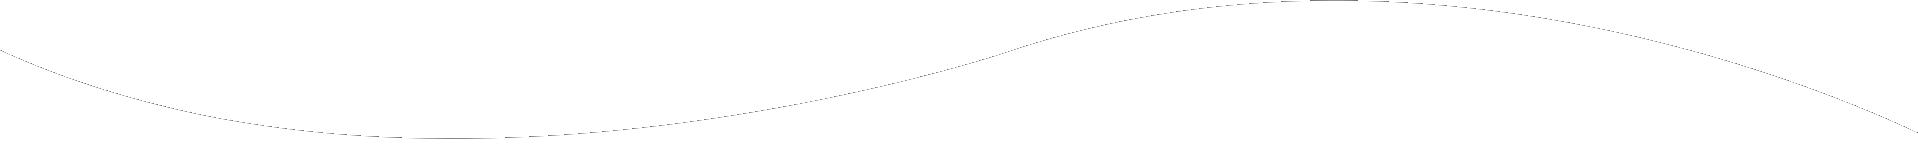 curve_top